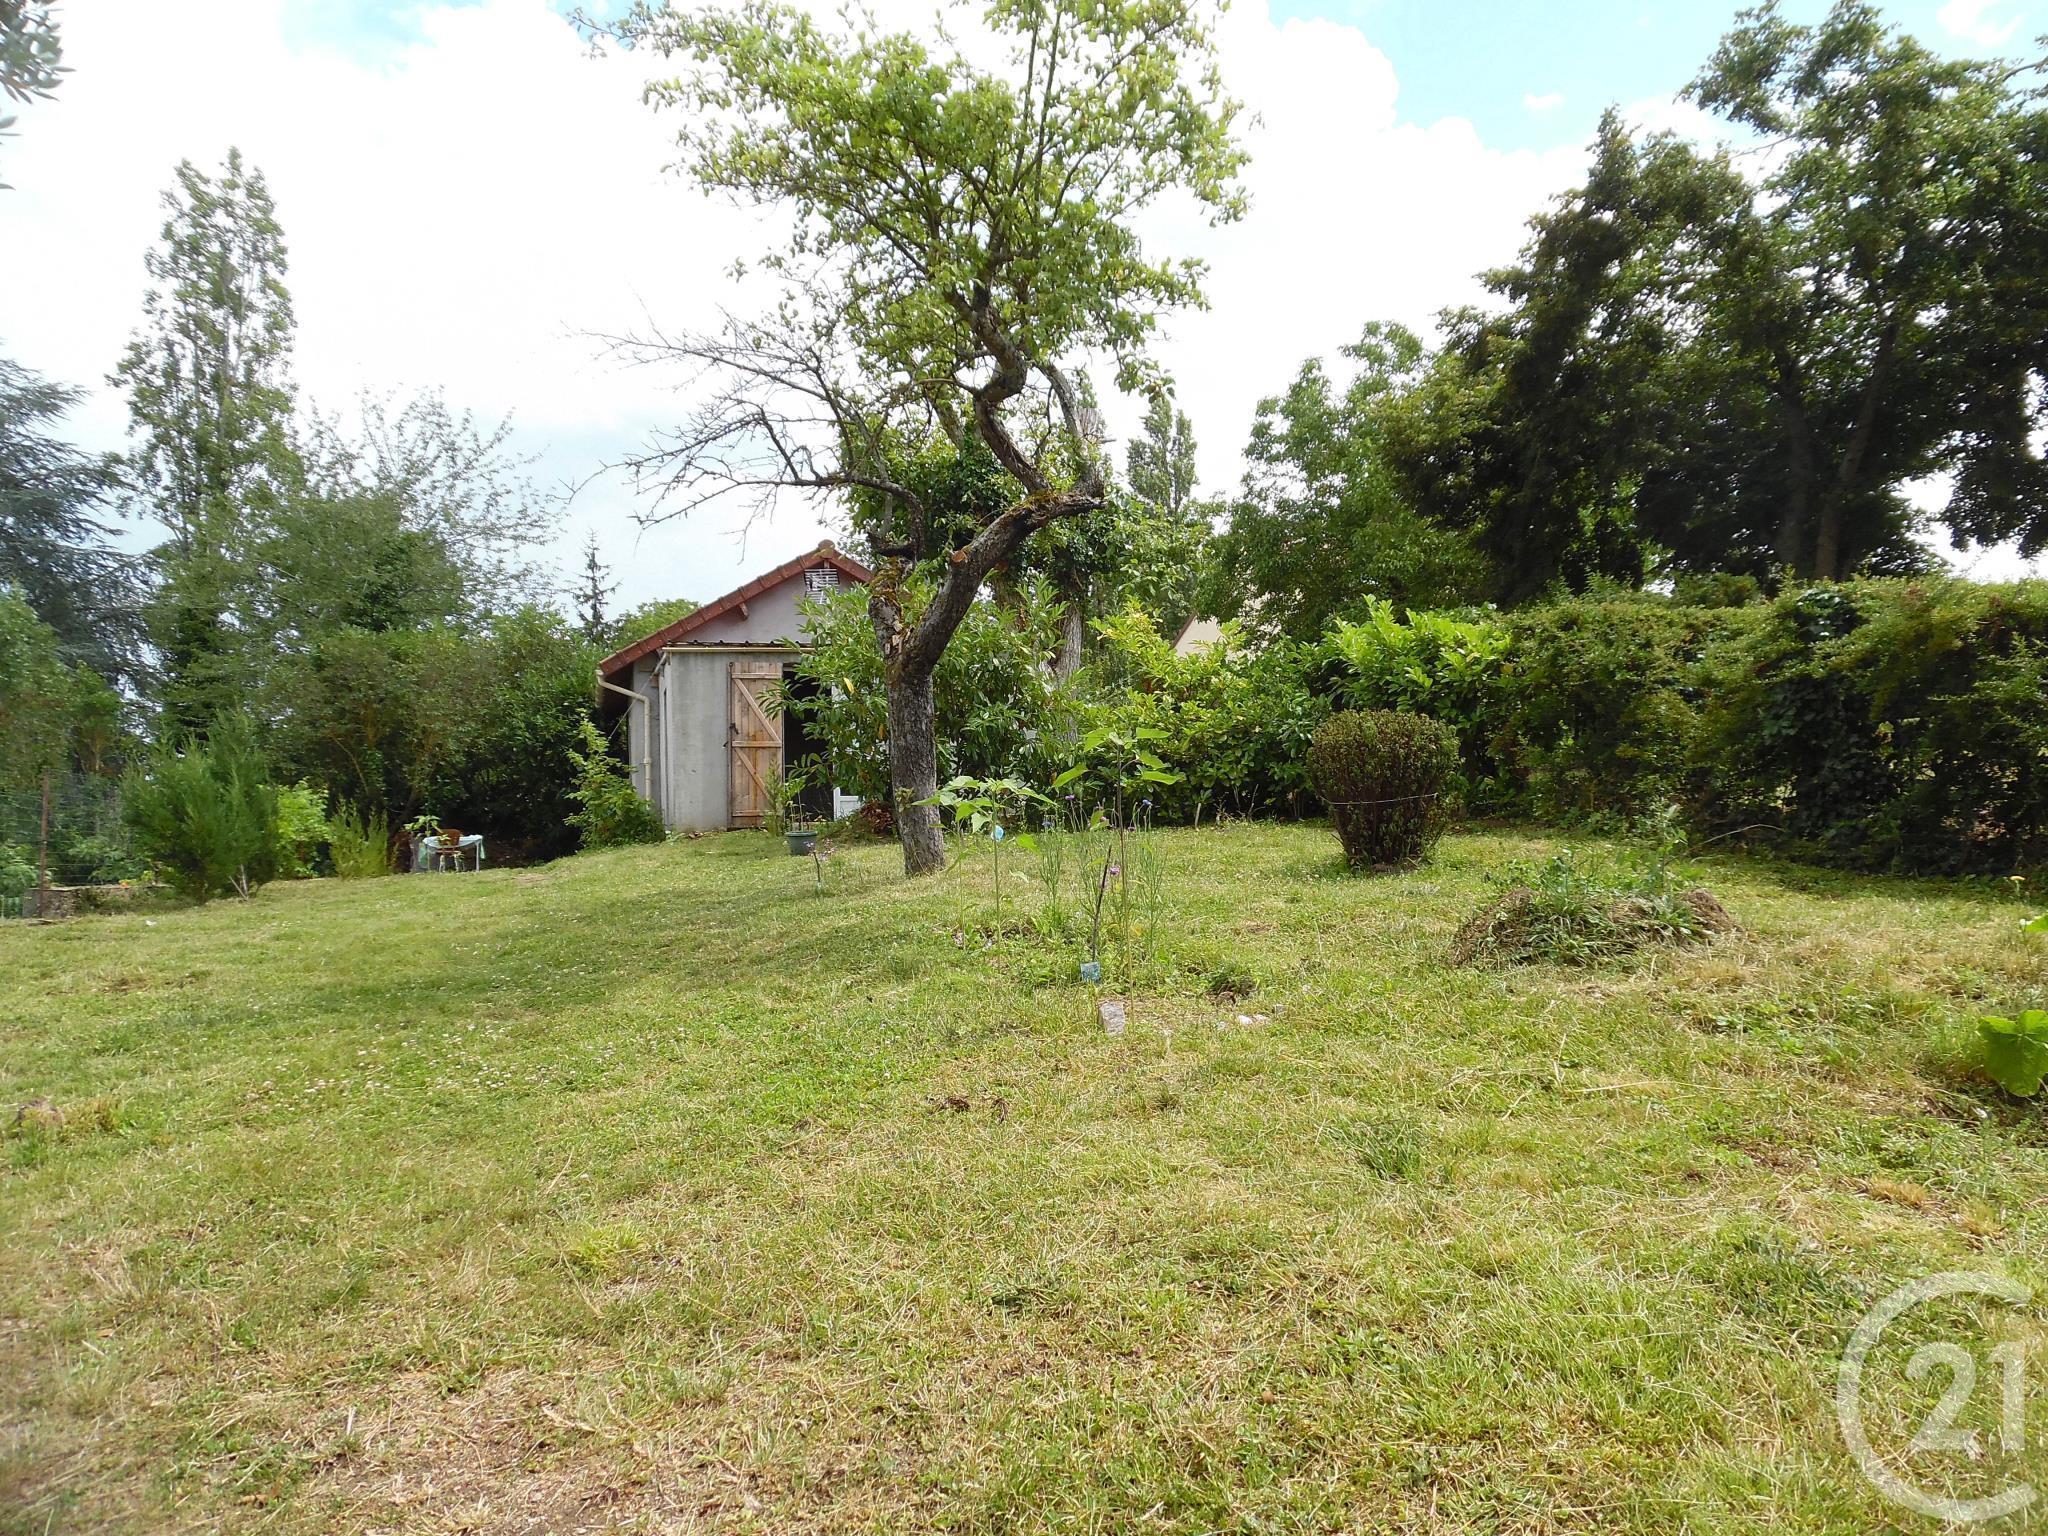 Annonce : Vente Maison Néris-Les-Bains (03310) 62 M² (66 500 ... pour Abri De Jardin Neris